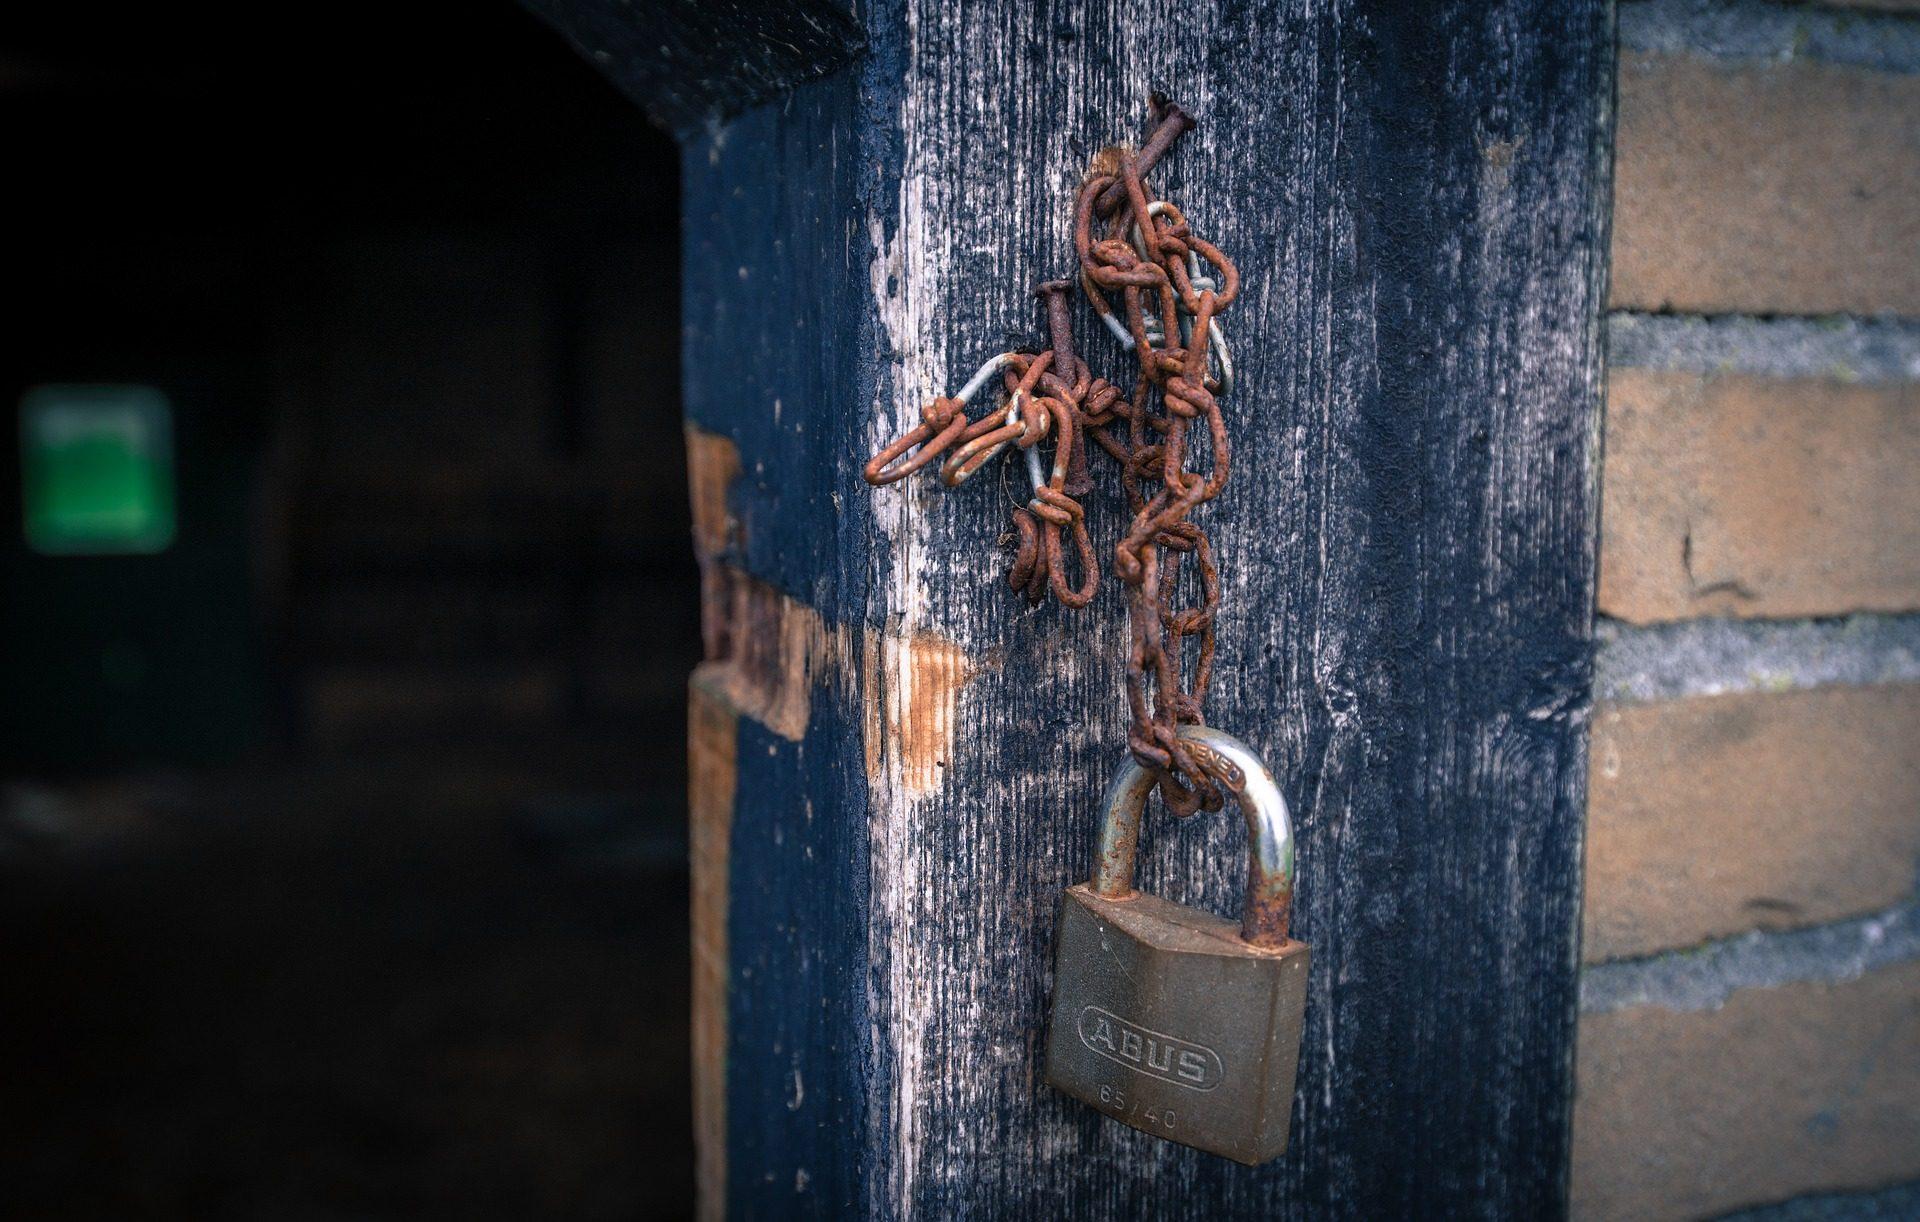 candado, cadenas, rota, oxidada, vieja, puerta - Fondos de Pantalla HD - professor-falken.com